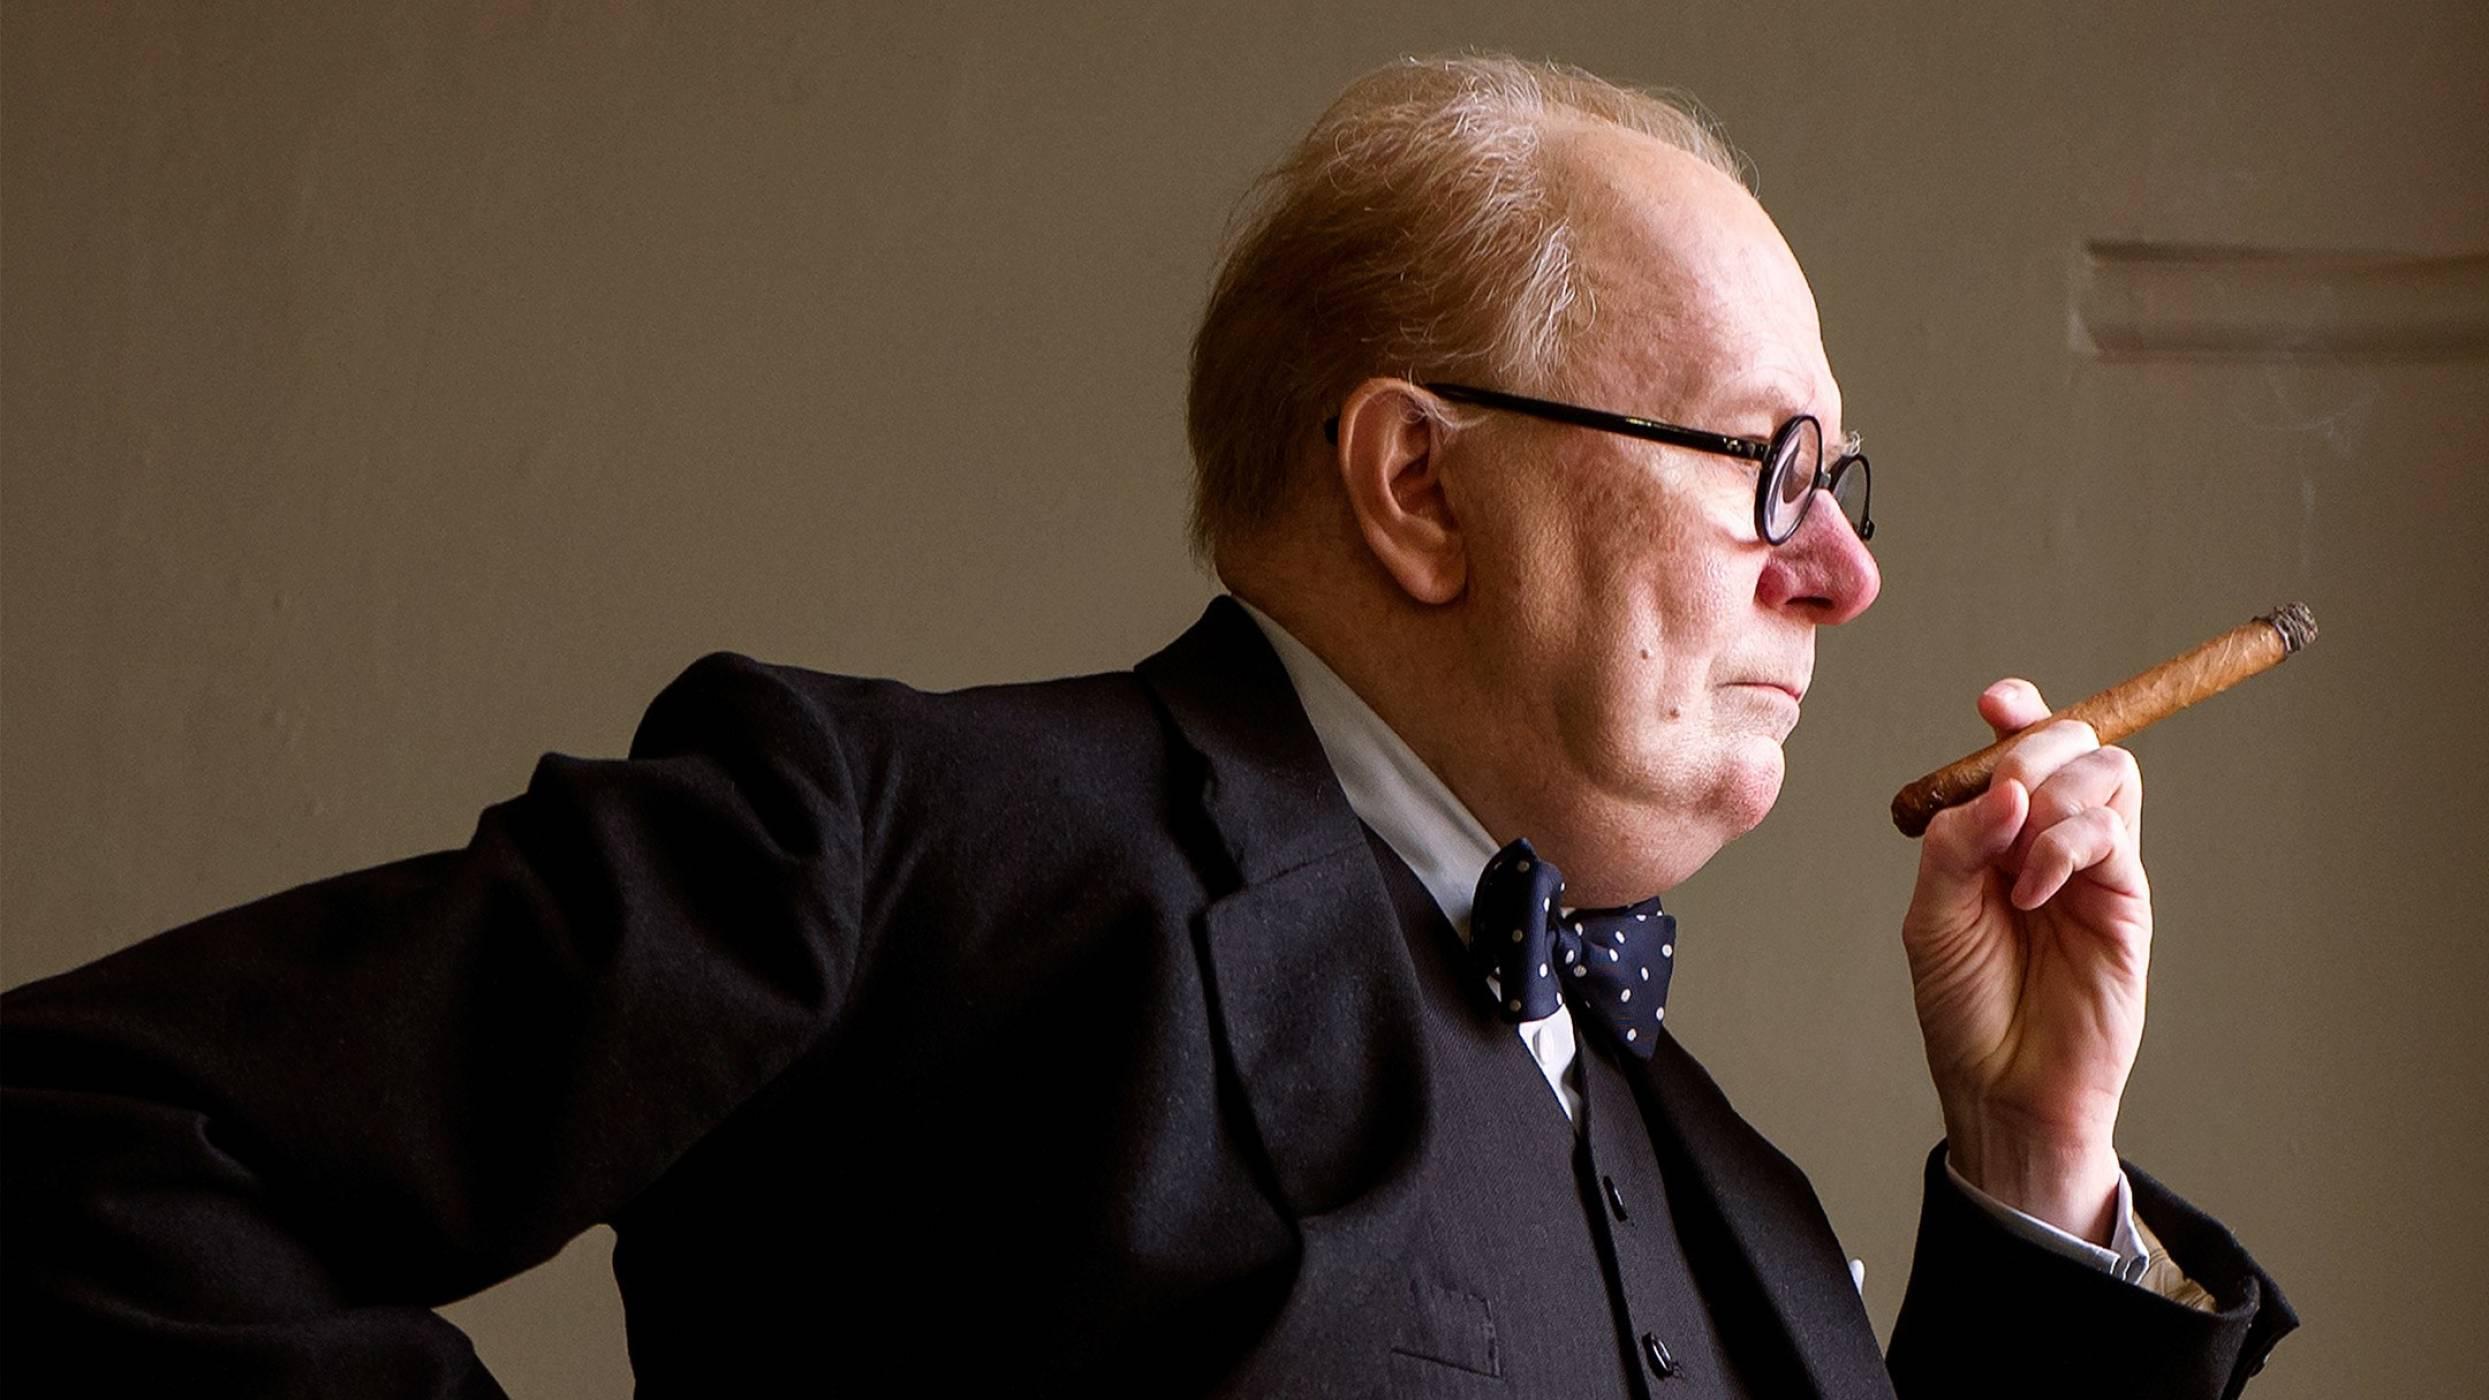 Седмицата в кино: Чърчил, откуп за милиони и свръхестествени сили